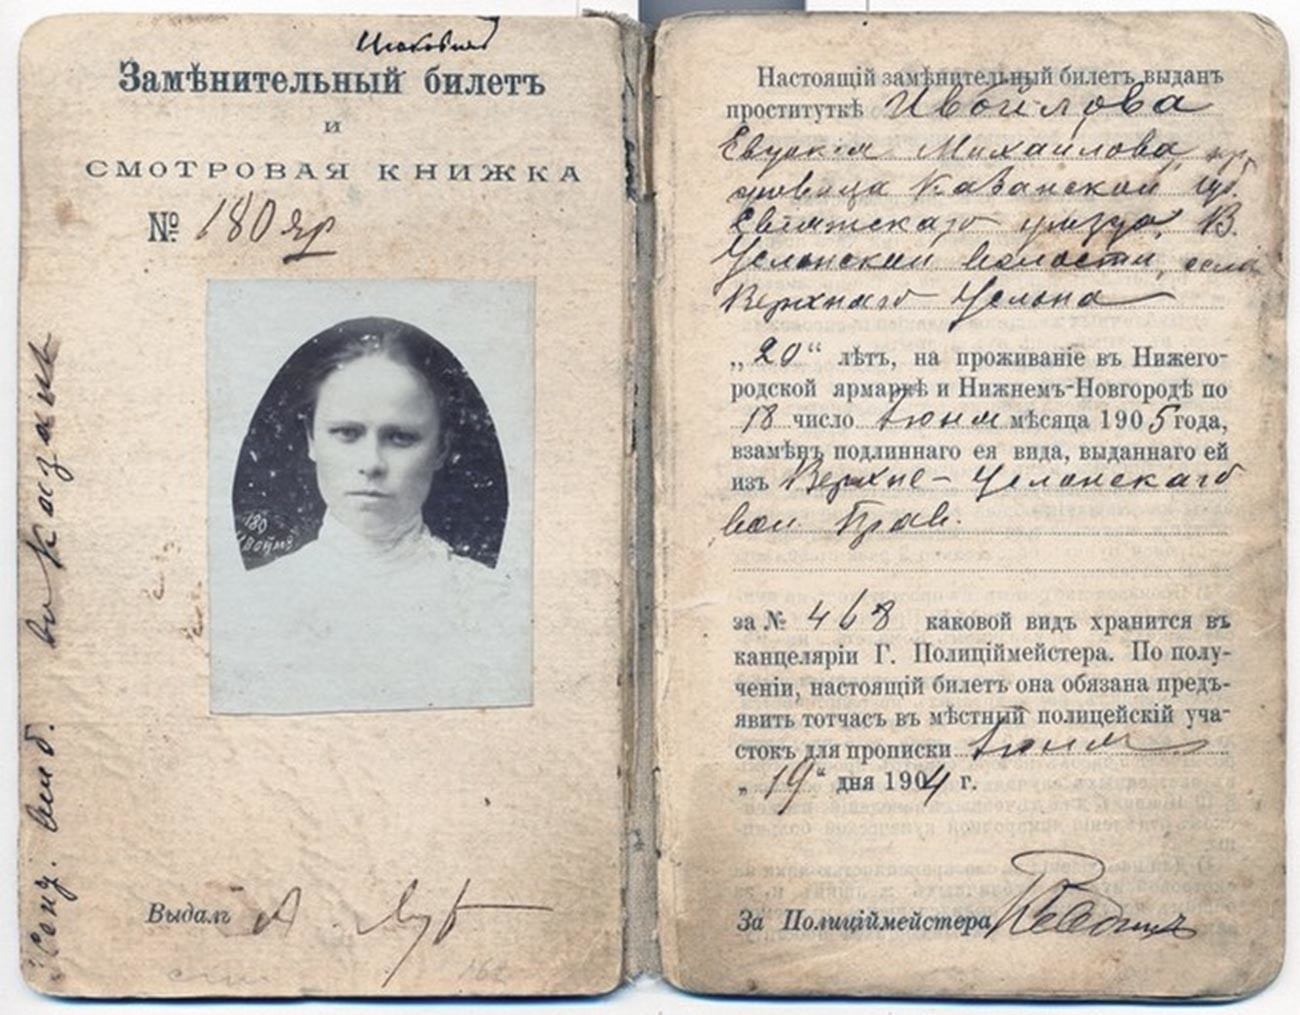 """Легитимација """"продавачице љубави"""" са дозволом за рад на вашару у Нижњем Новгороду, 1904-1905."""